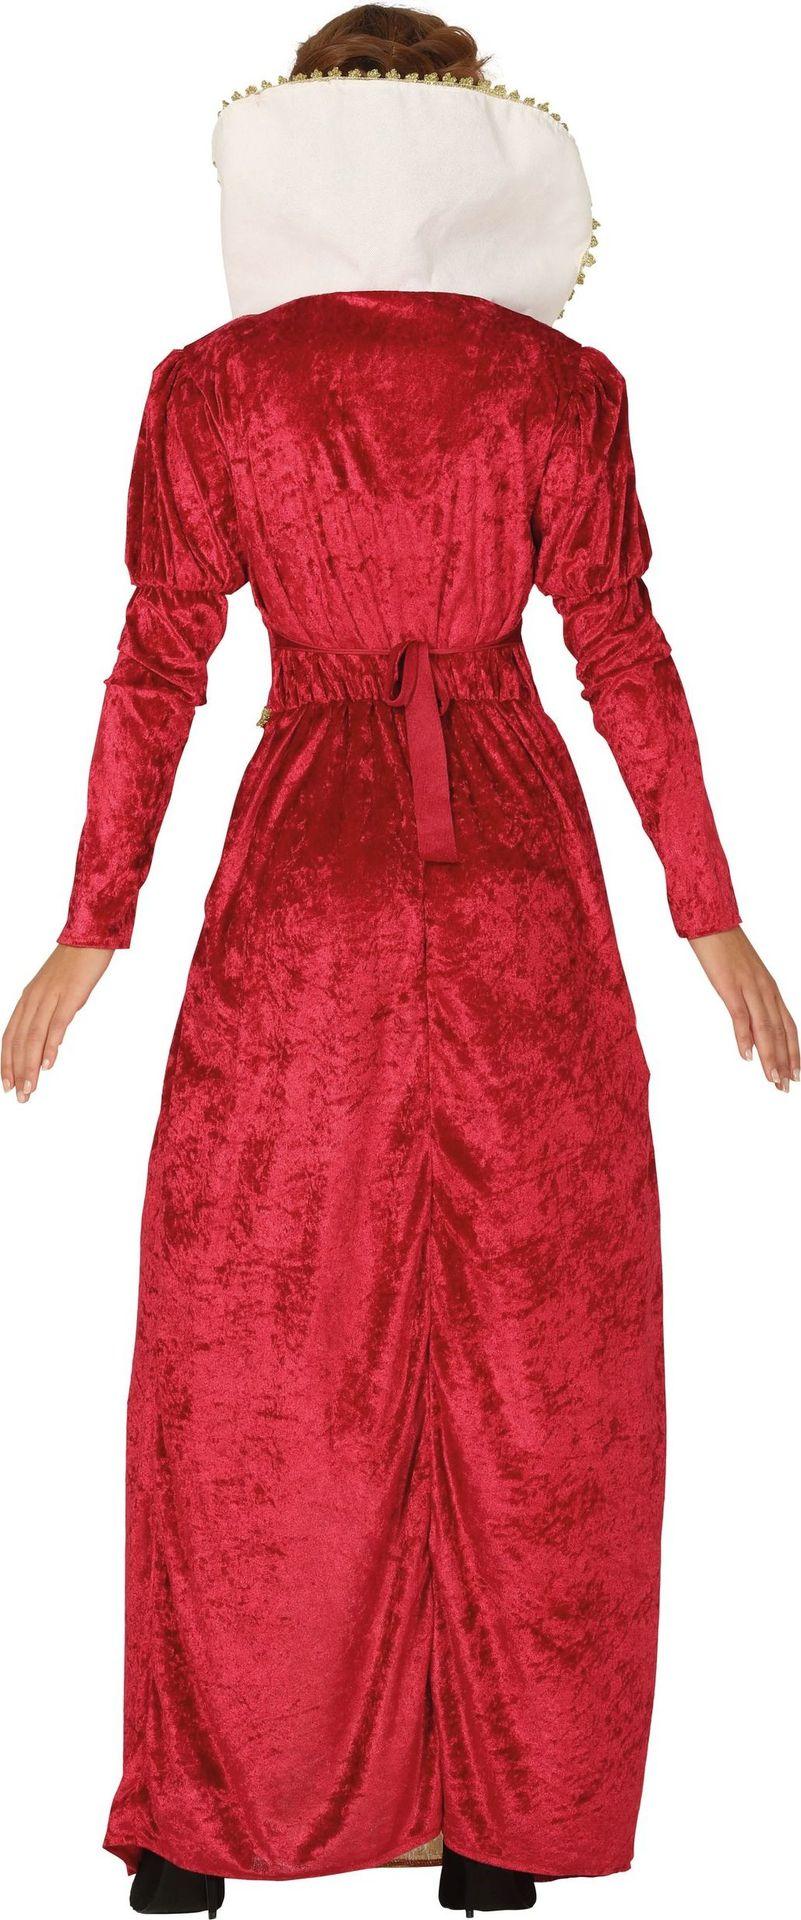 lekker goedkoop nieuwe high online te koop Lange rode jurk koningin vrouwen